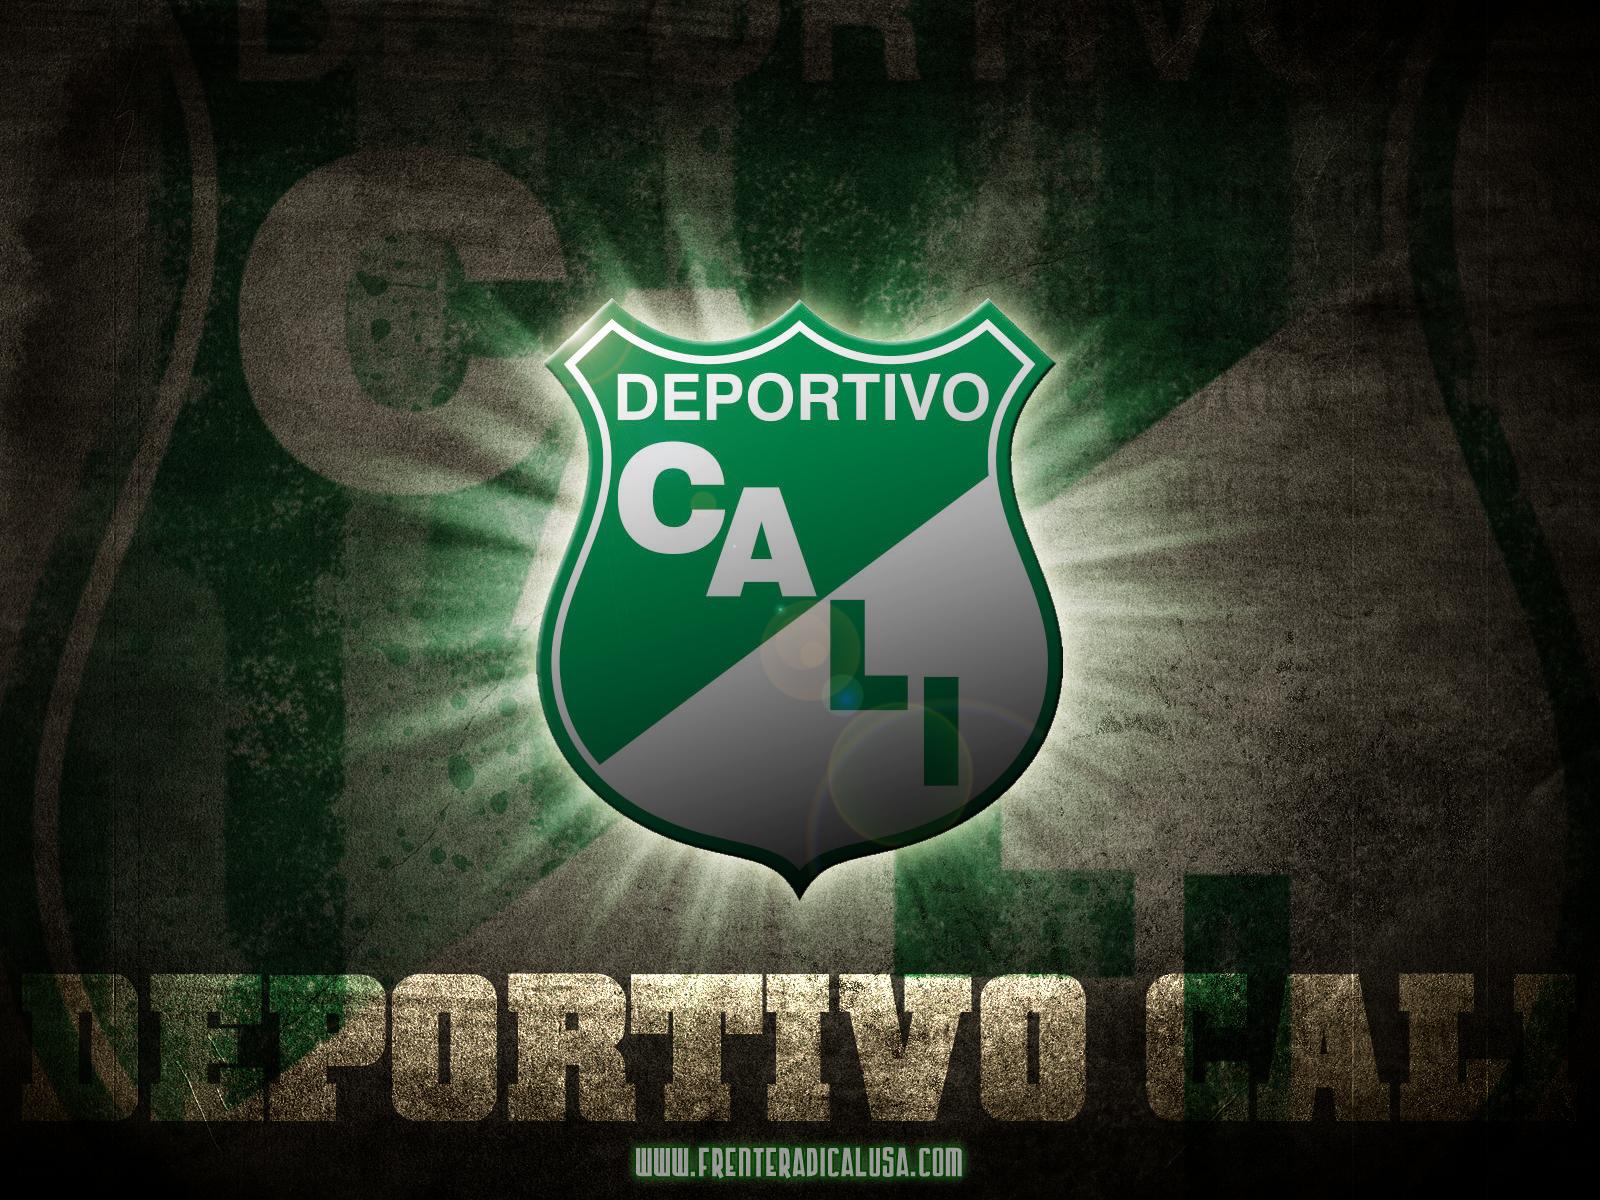 http://3.bp.blogspot.com/-thlD19Y8sKs/Td8SS2FasgI/AAAAAAAAAa0/llcsEUEavQc/s1600/Deportivo+Cali.jpg